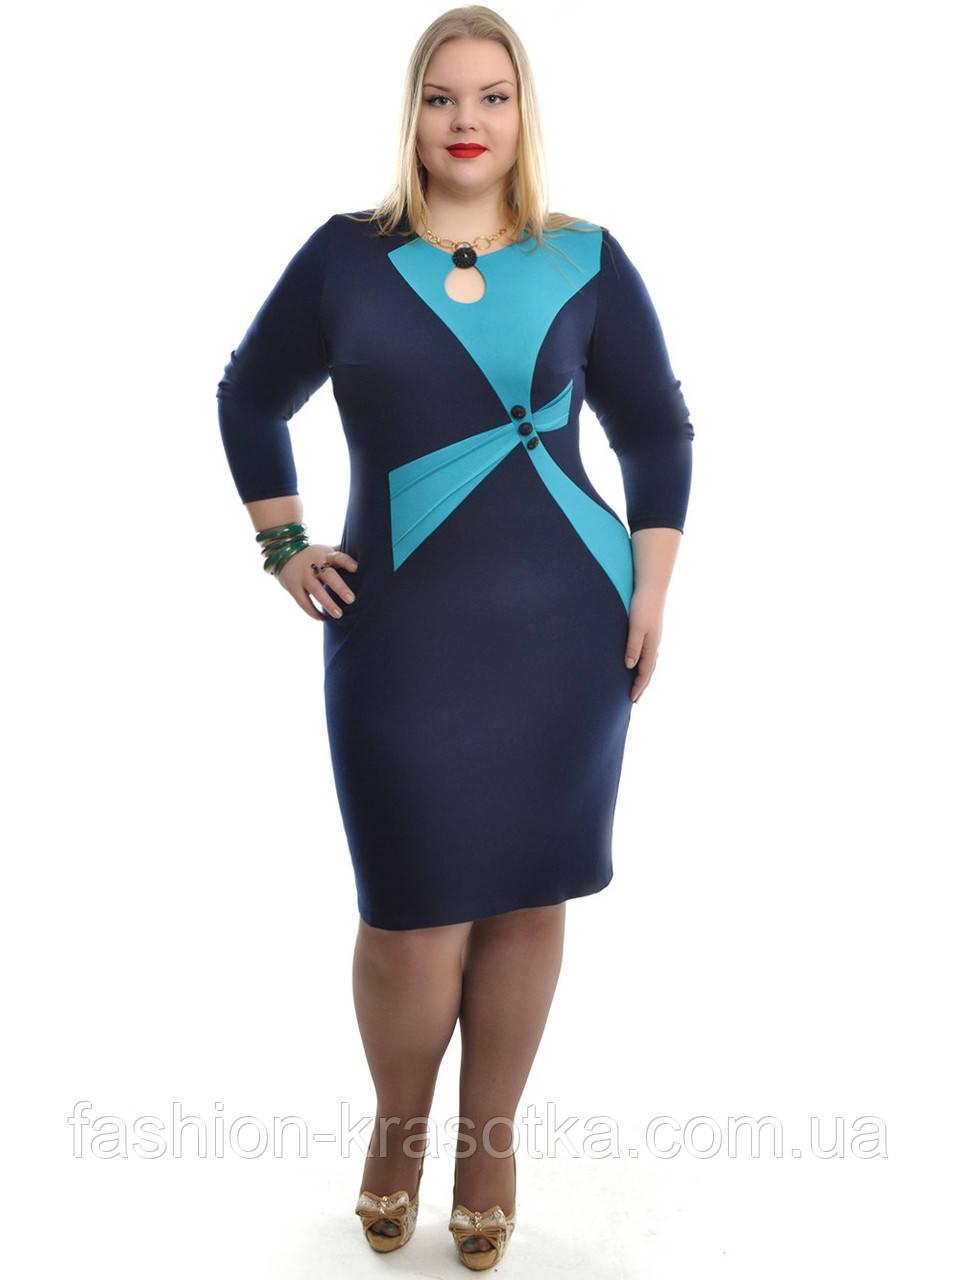 Платье женское больших размеров 48-62,модель ДК 548